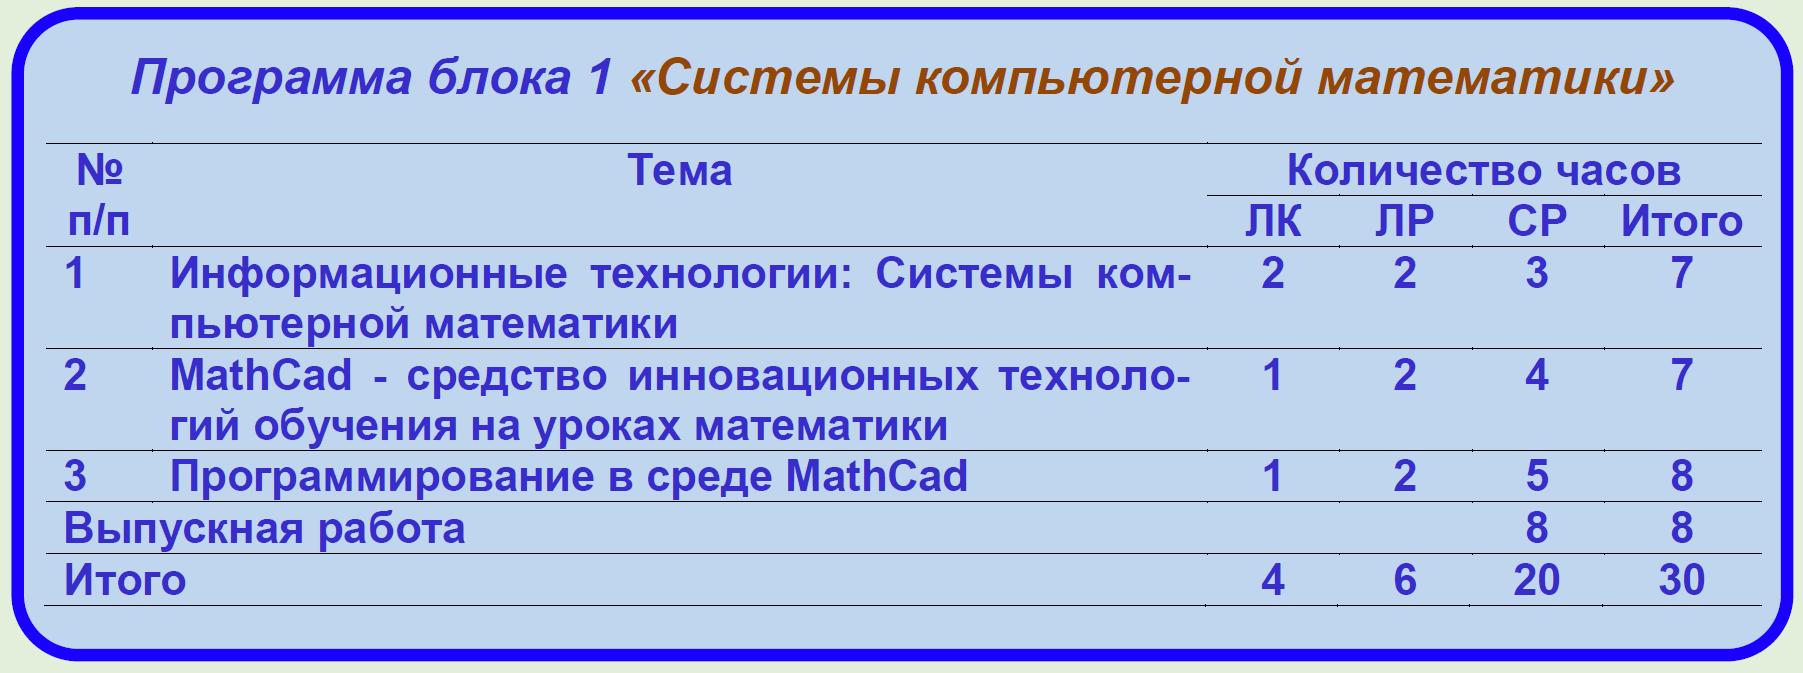 Программа блока 1 «Системы компьютерной математики»